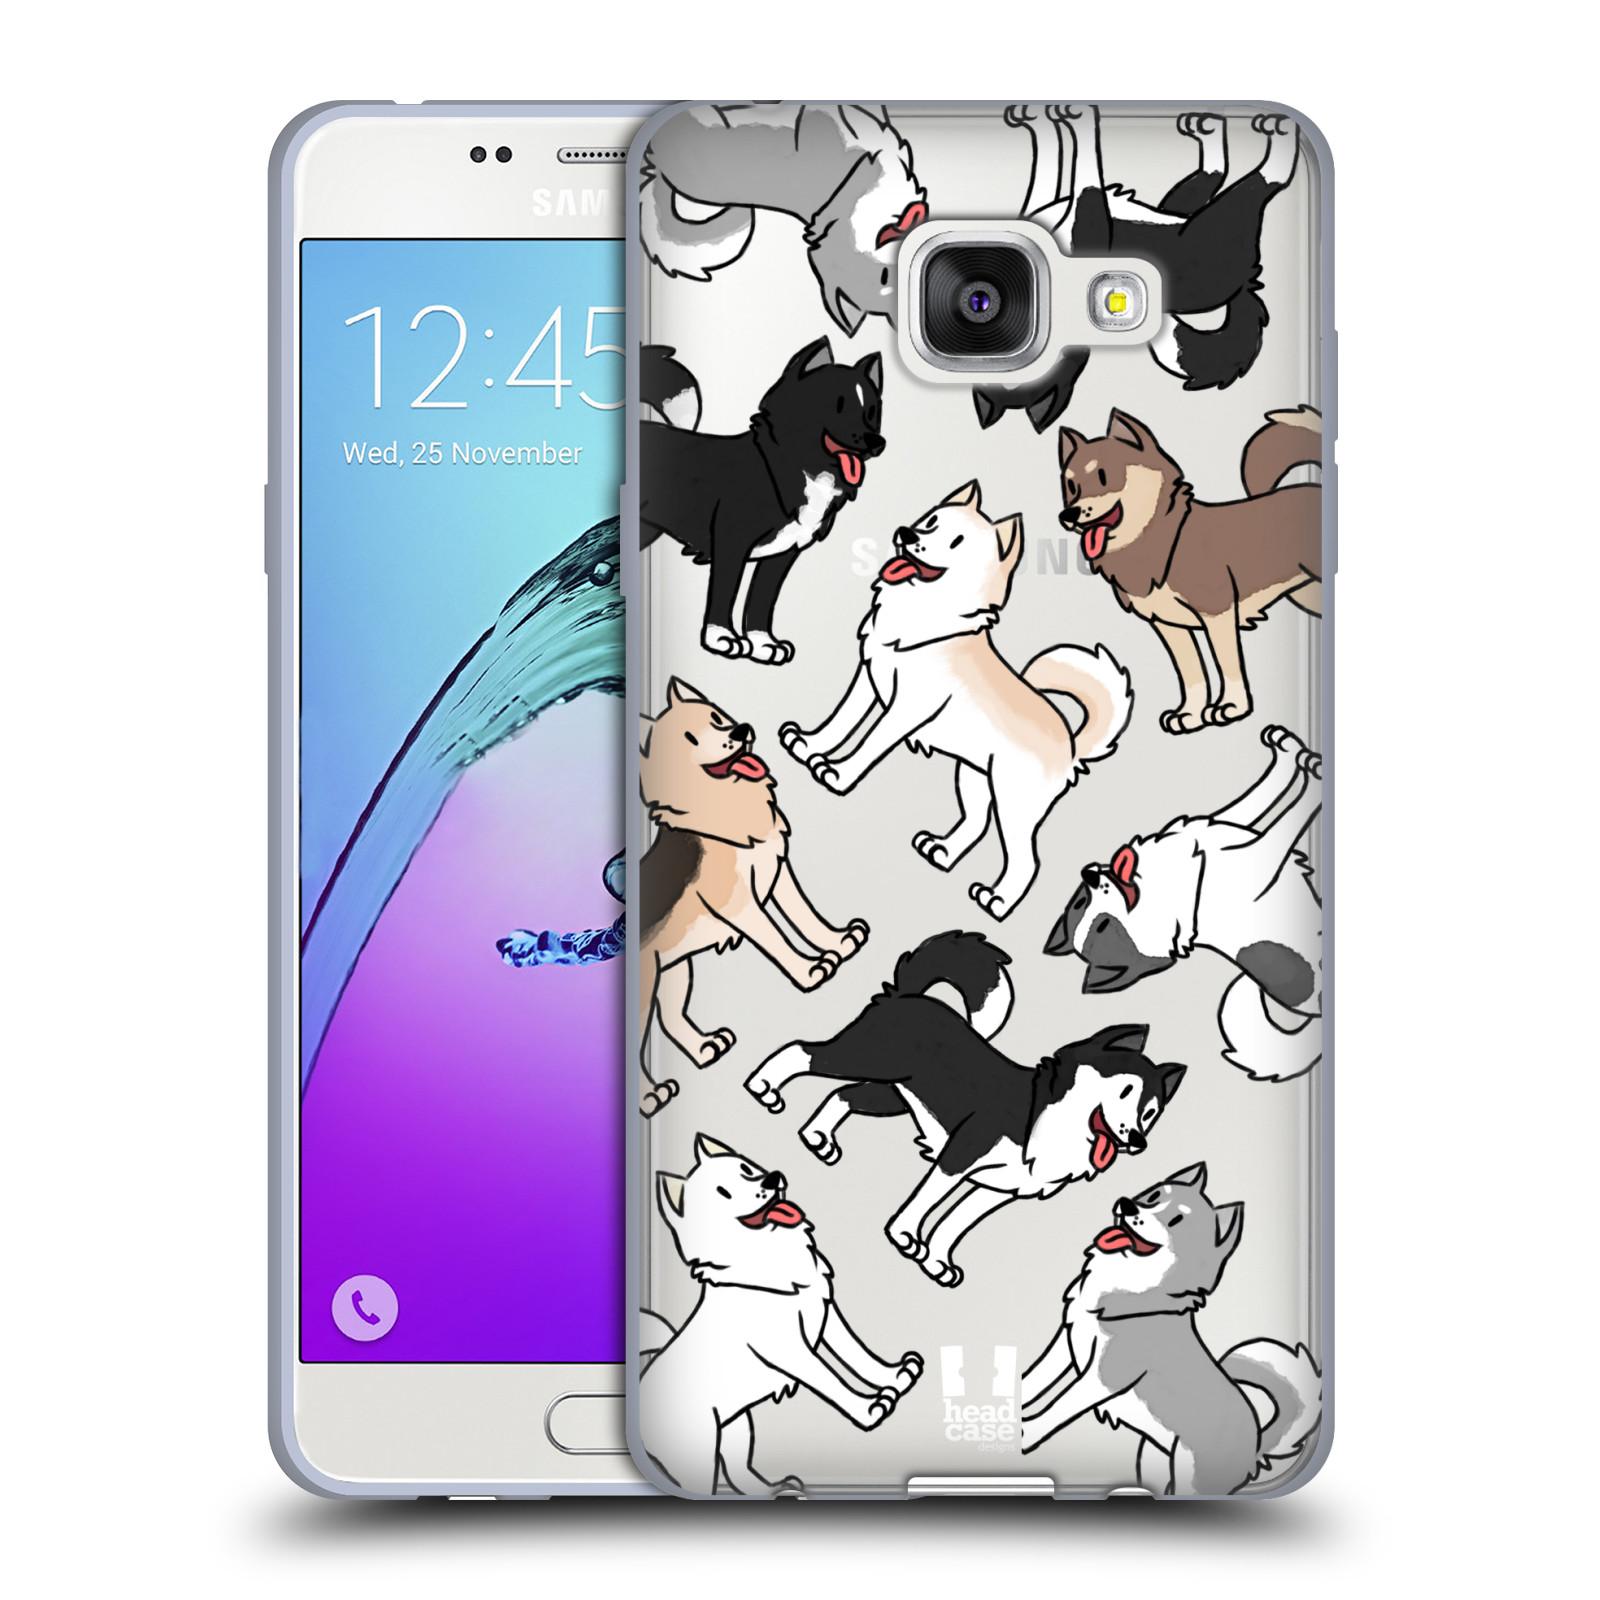 HEAD CASE silikonový obal na mobil Samsung Galaxy A5 2016 (A510) pejsek Sibiřský husky